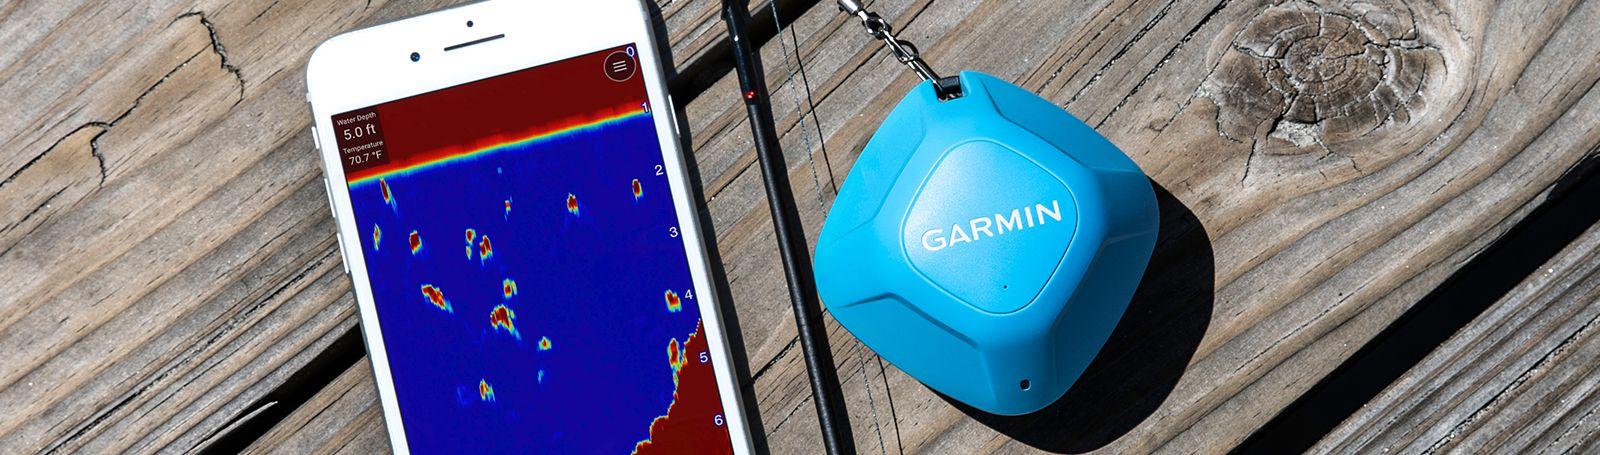 ماهی یاب گارمین sonar